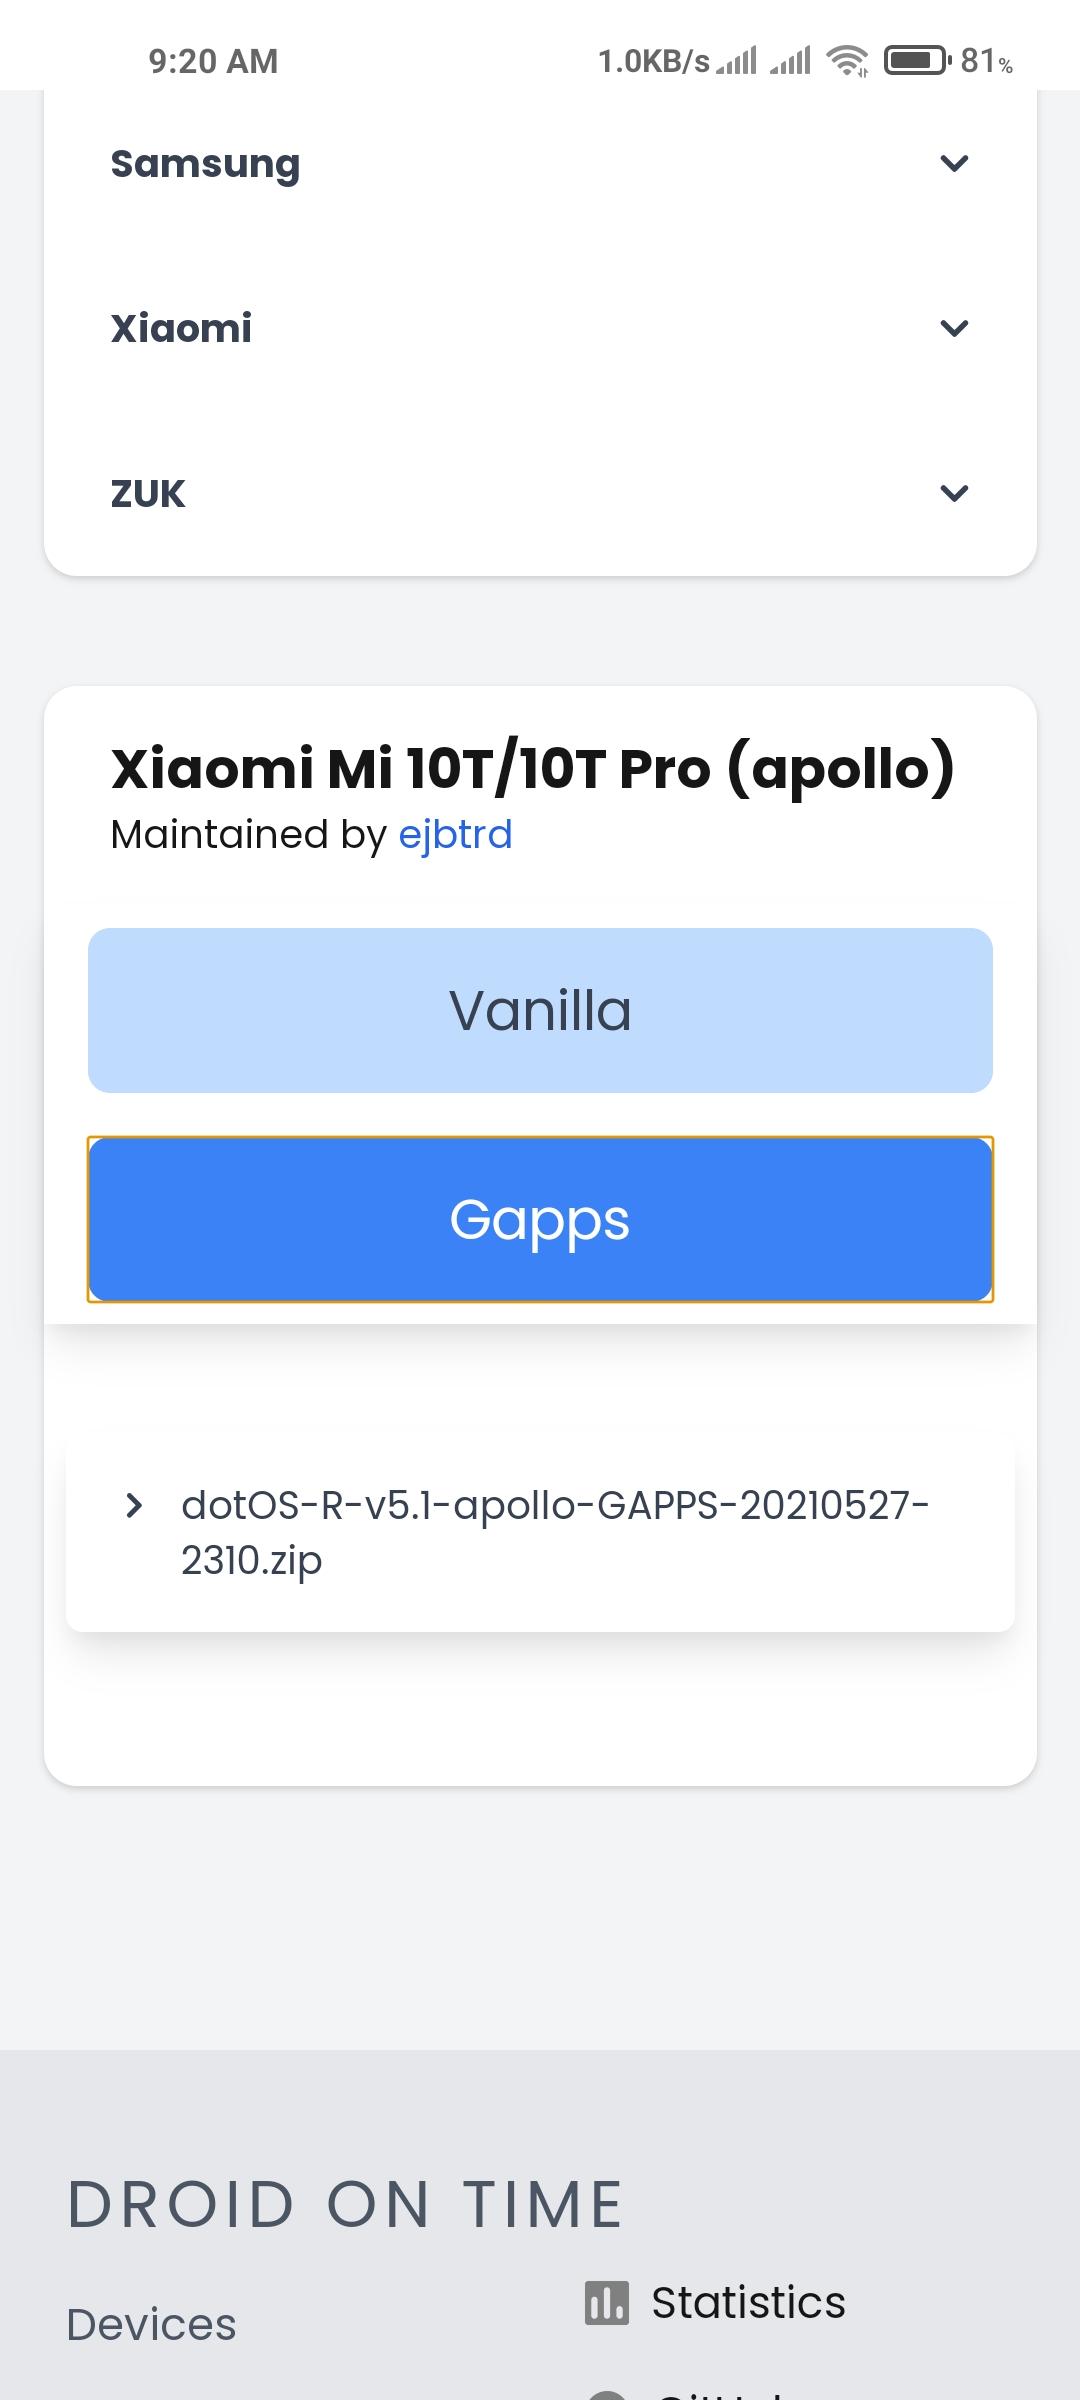 Screenshot_2021-05-28-09-20-30-178_com.android.chrome.jpg